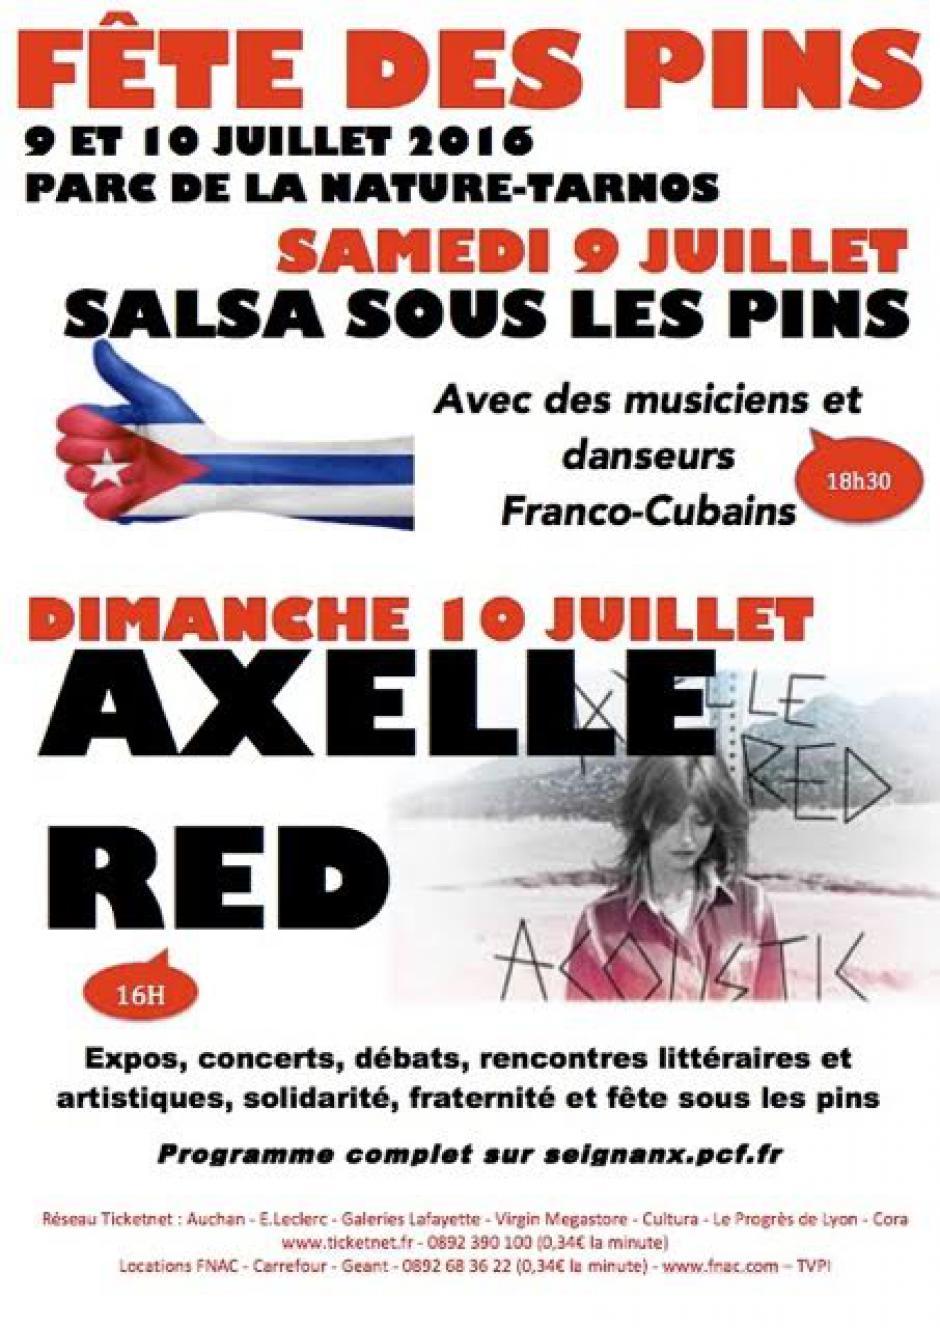 SALSA FRANCO-CUBAINE ET AXEL RED A LA FETE DES PINS 9 ET 10 JUILLET 2016